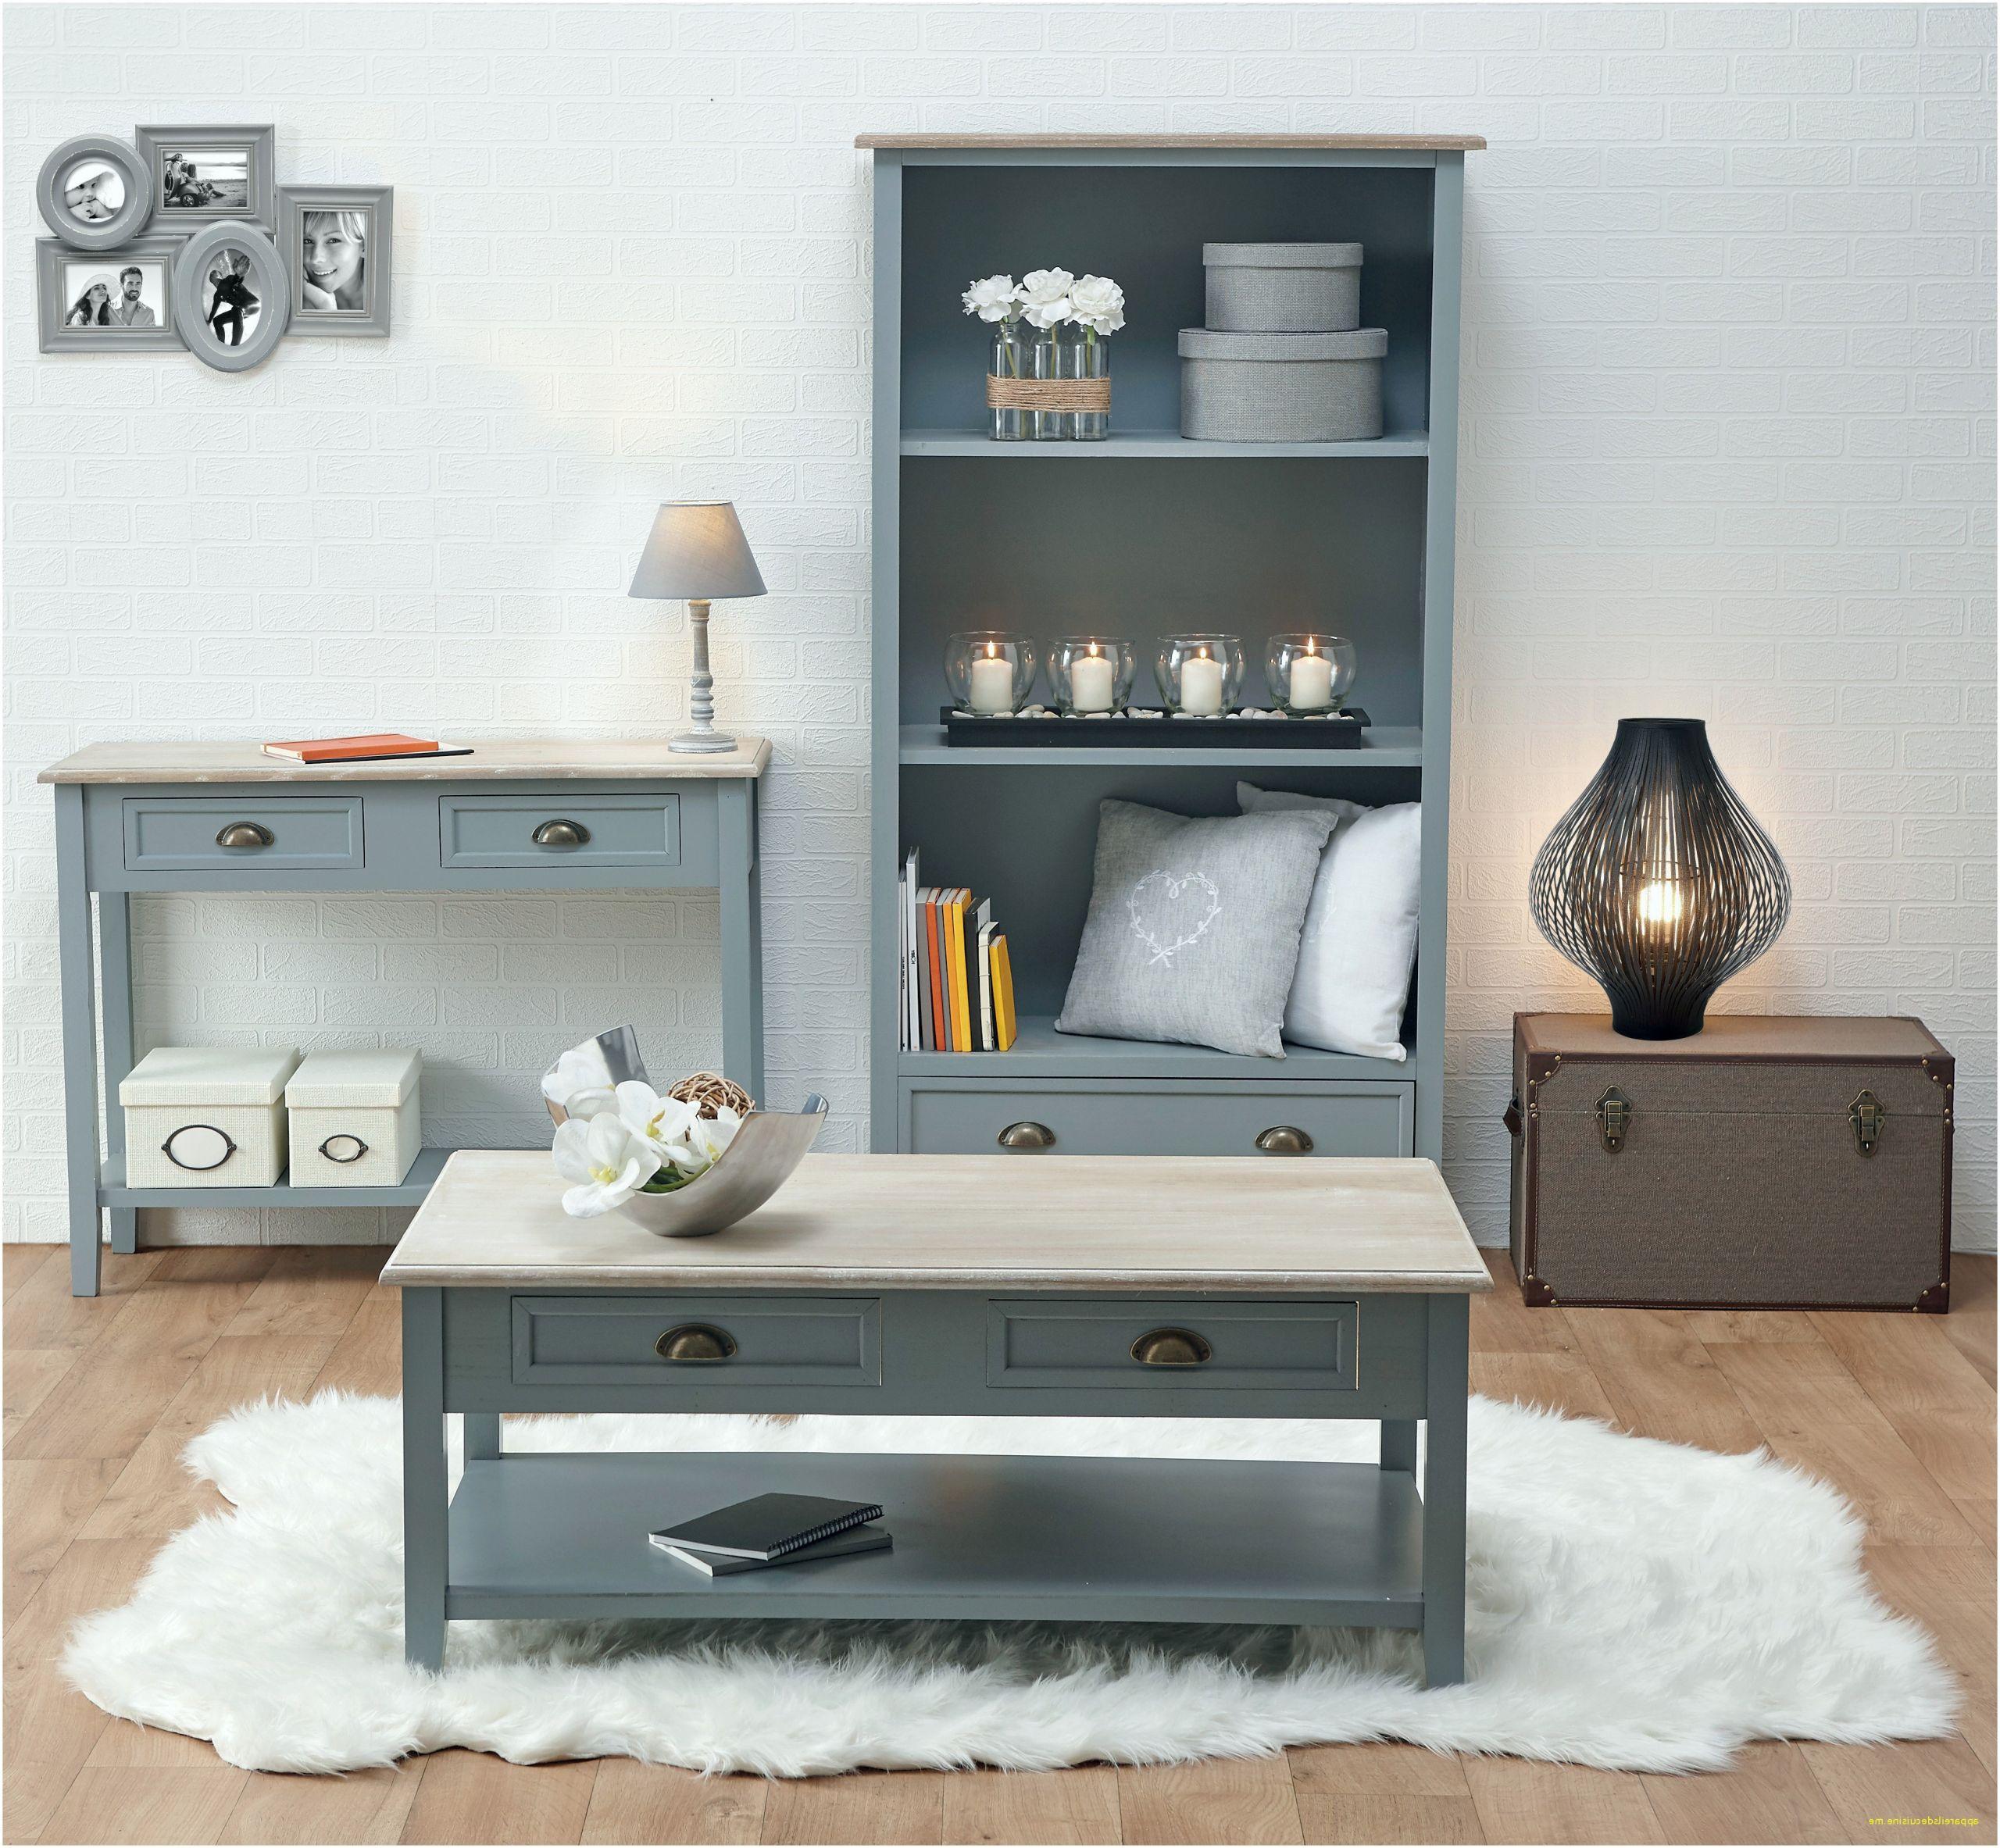 petit meuble salon 42 conception petit meuble salon of petit meuble salon